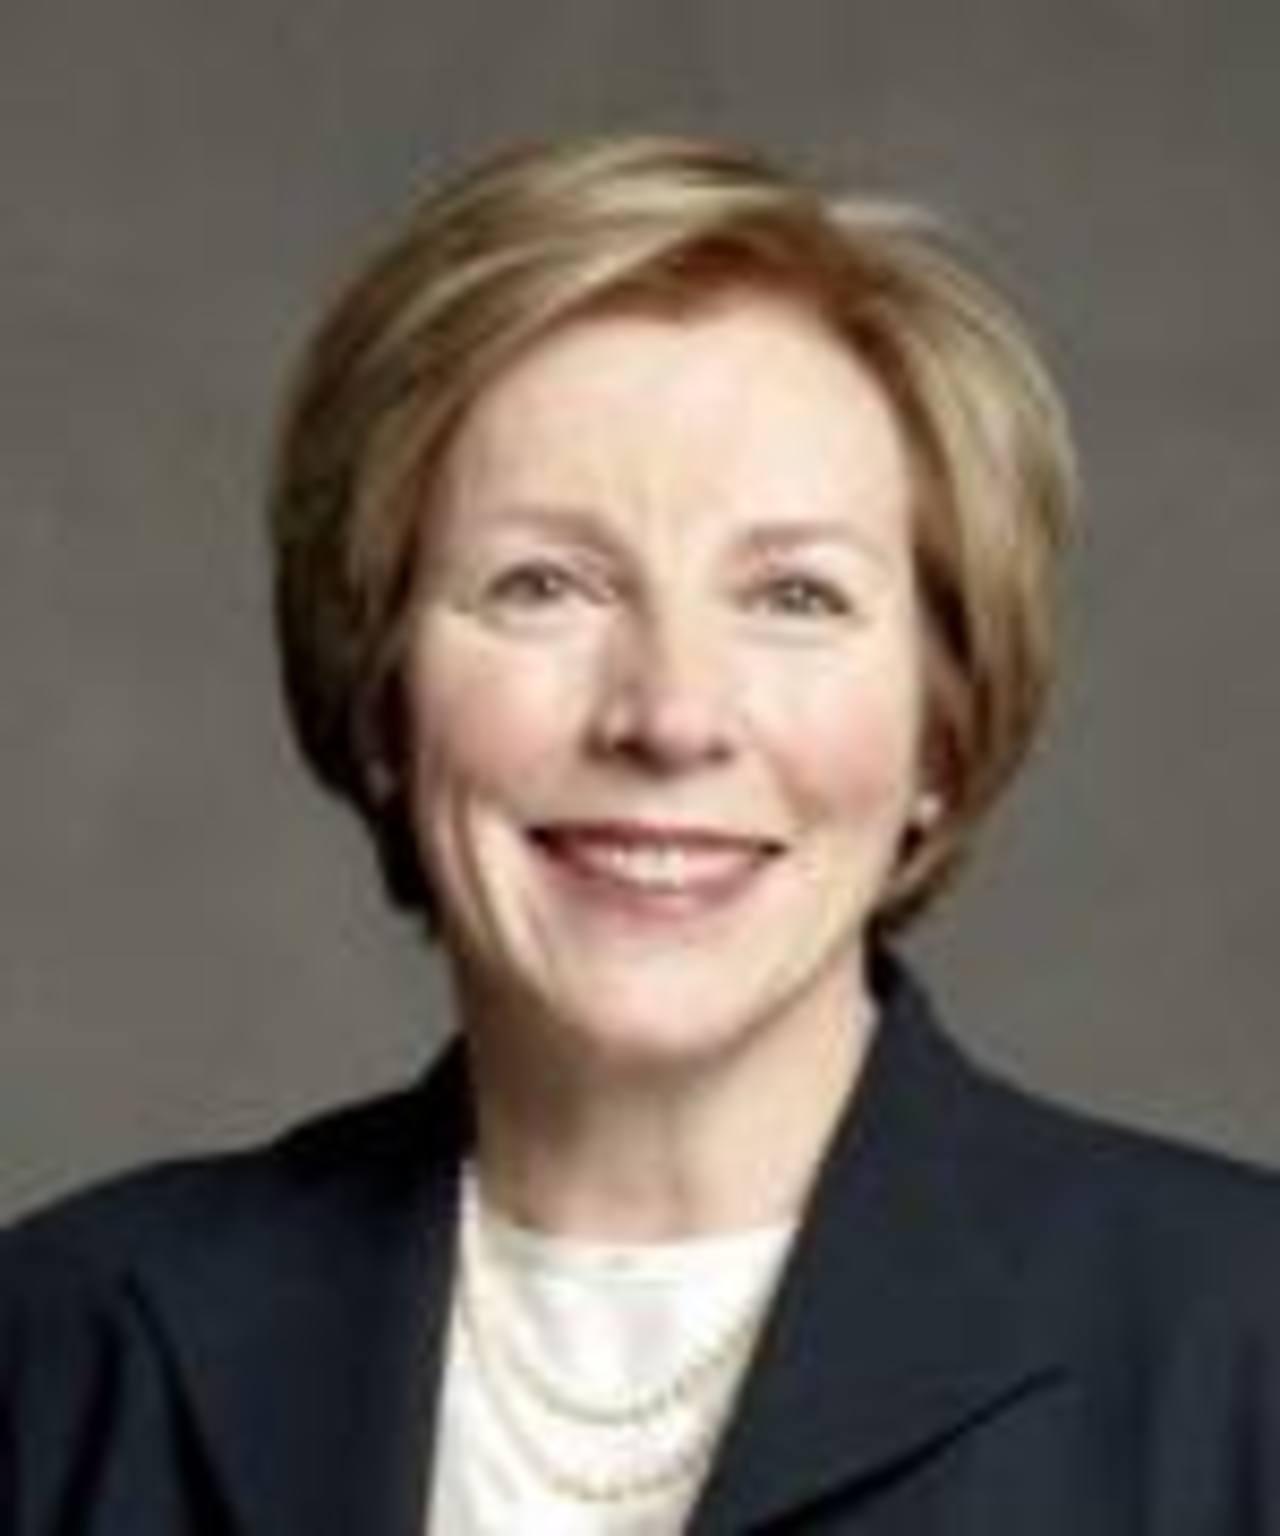 Patrice Merrin, asignada como directora no ejecutiva de Glencore con efecto inmediato, ha trabajado en la minera canadiense diversificada Sherritt durante una década